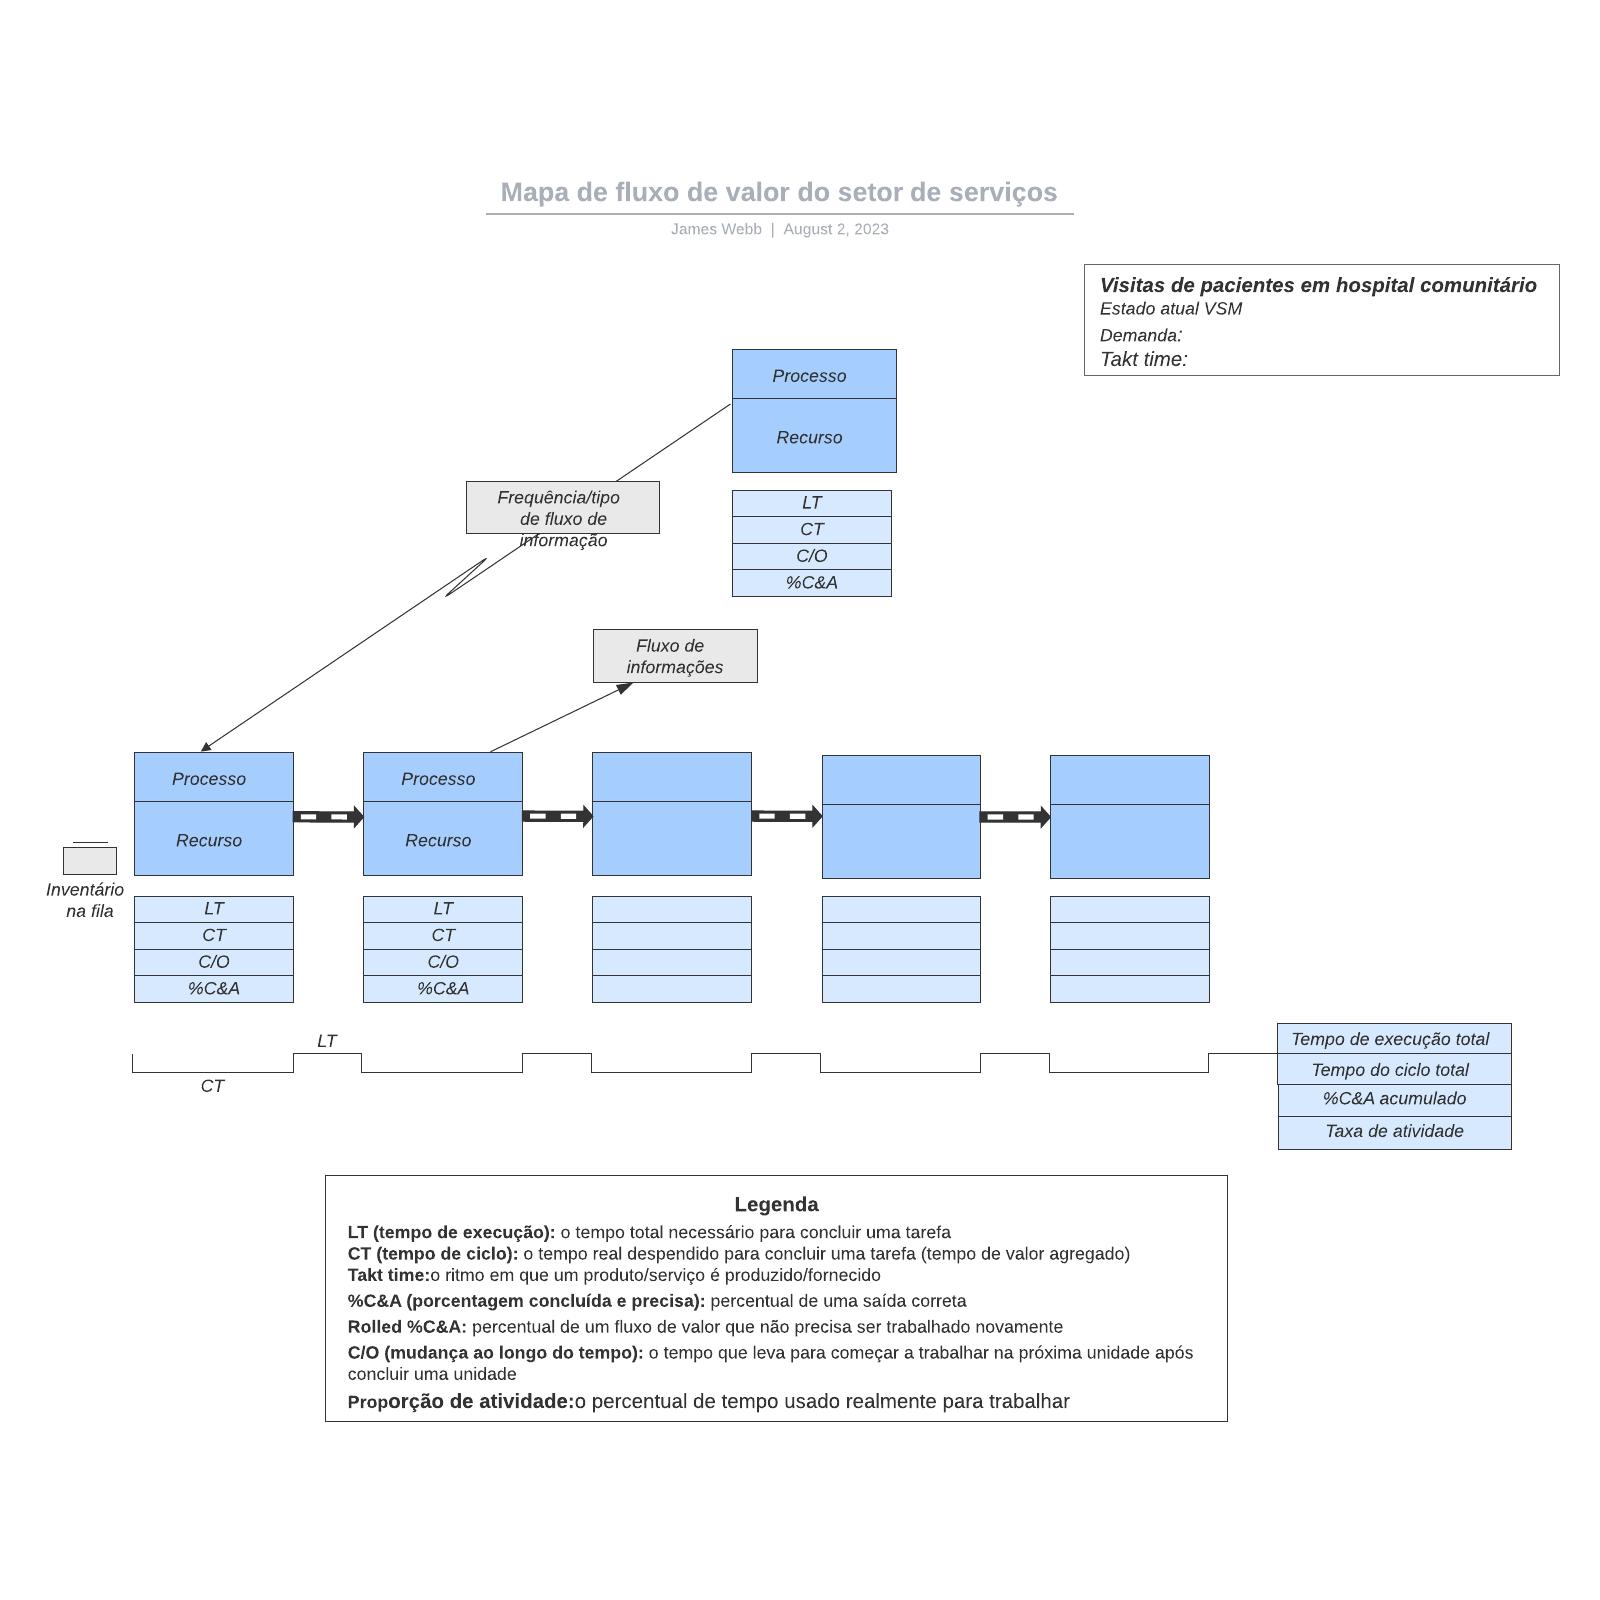 Mapa de fluxo de valor do setor de serviços